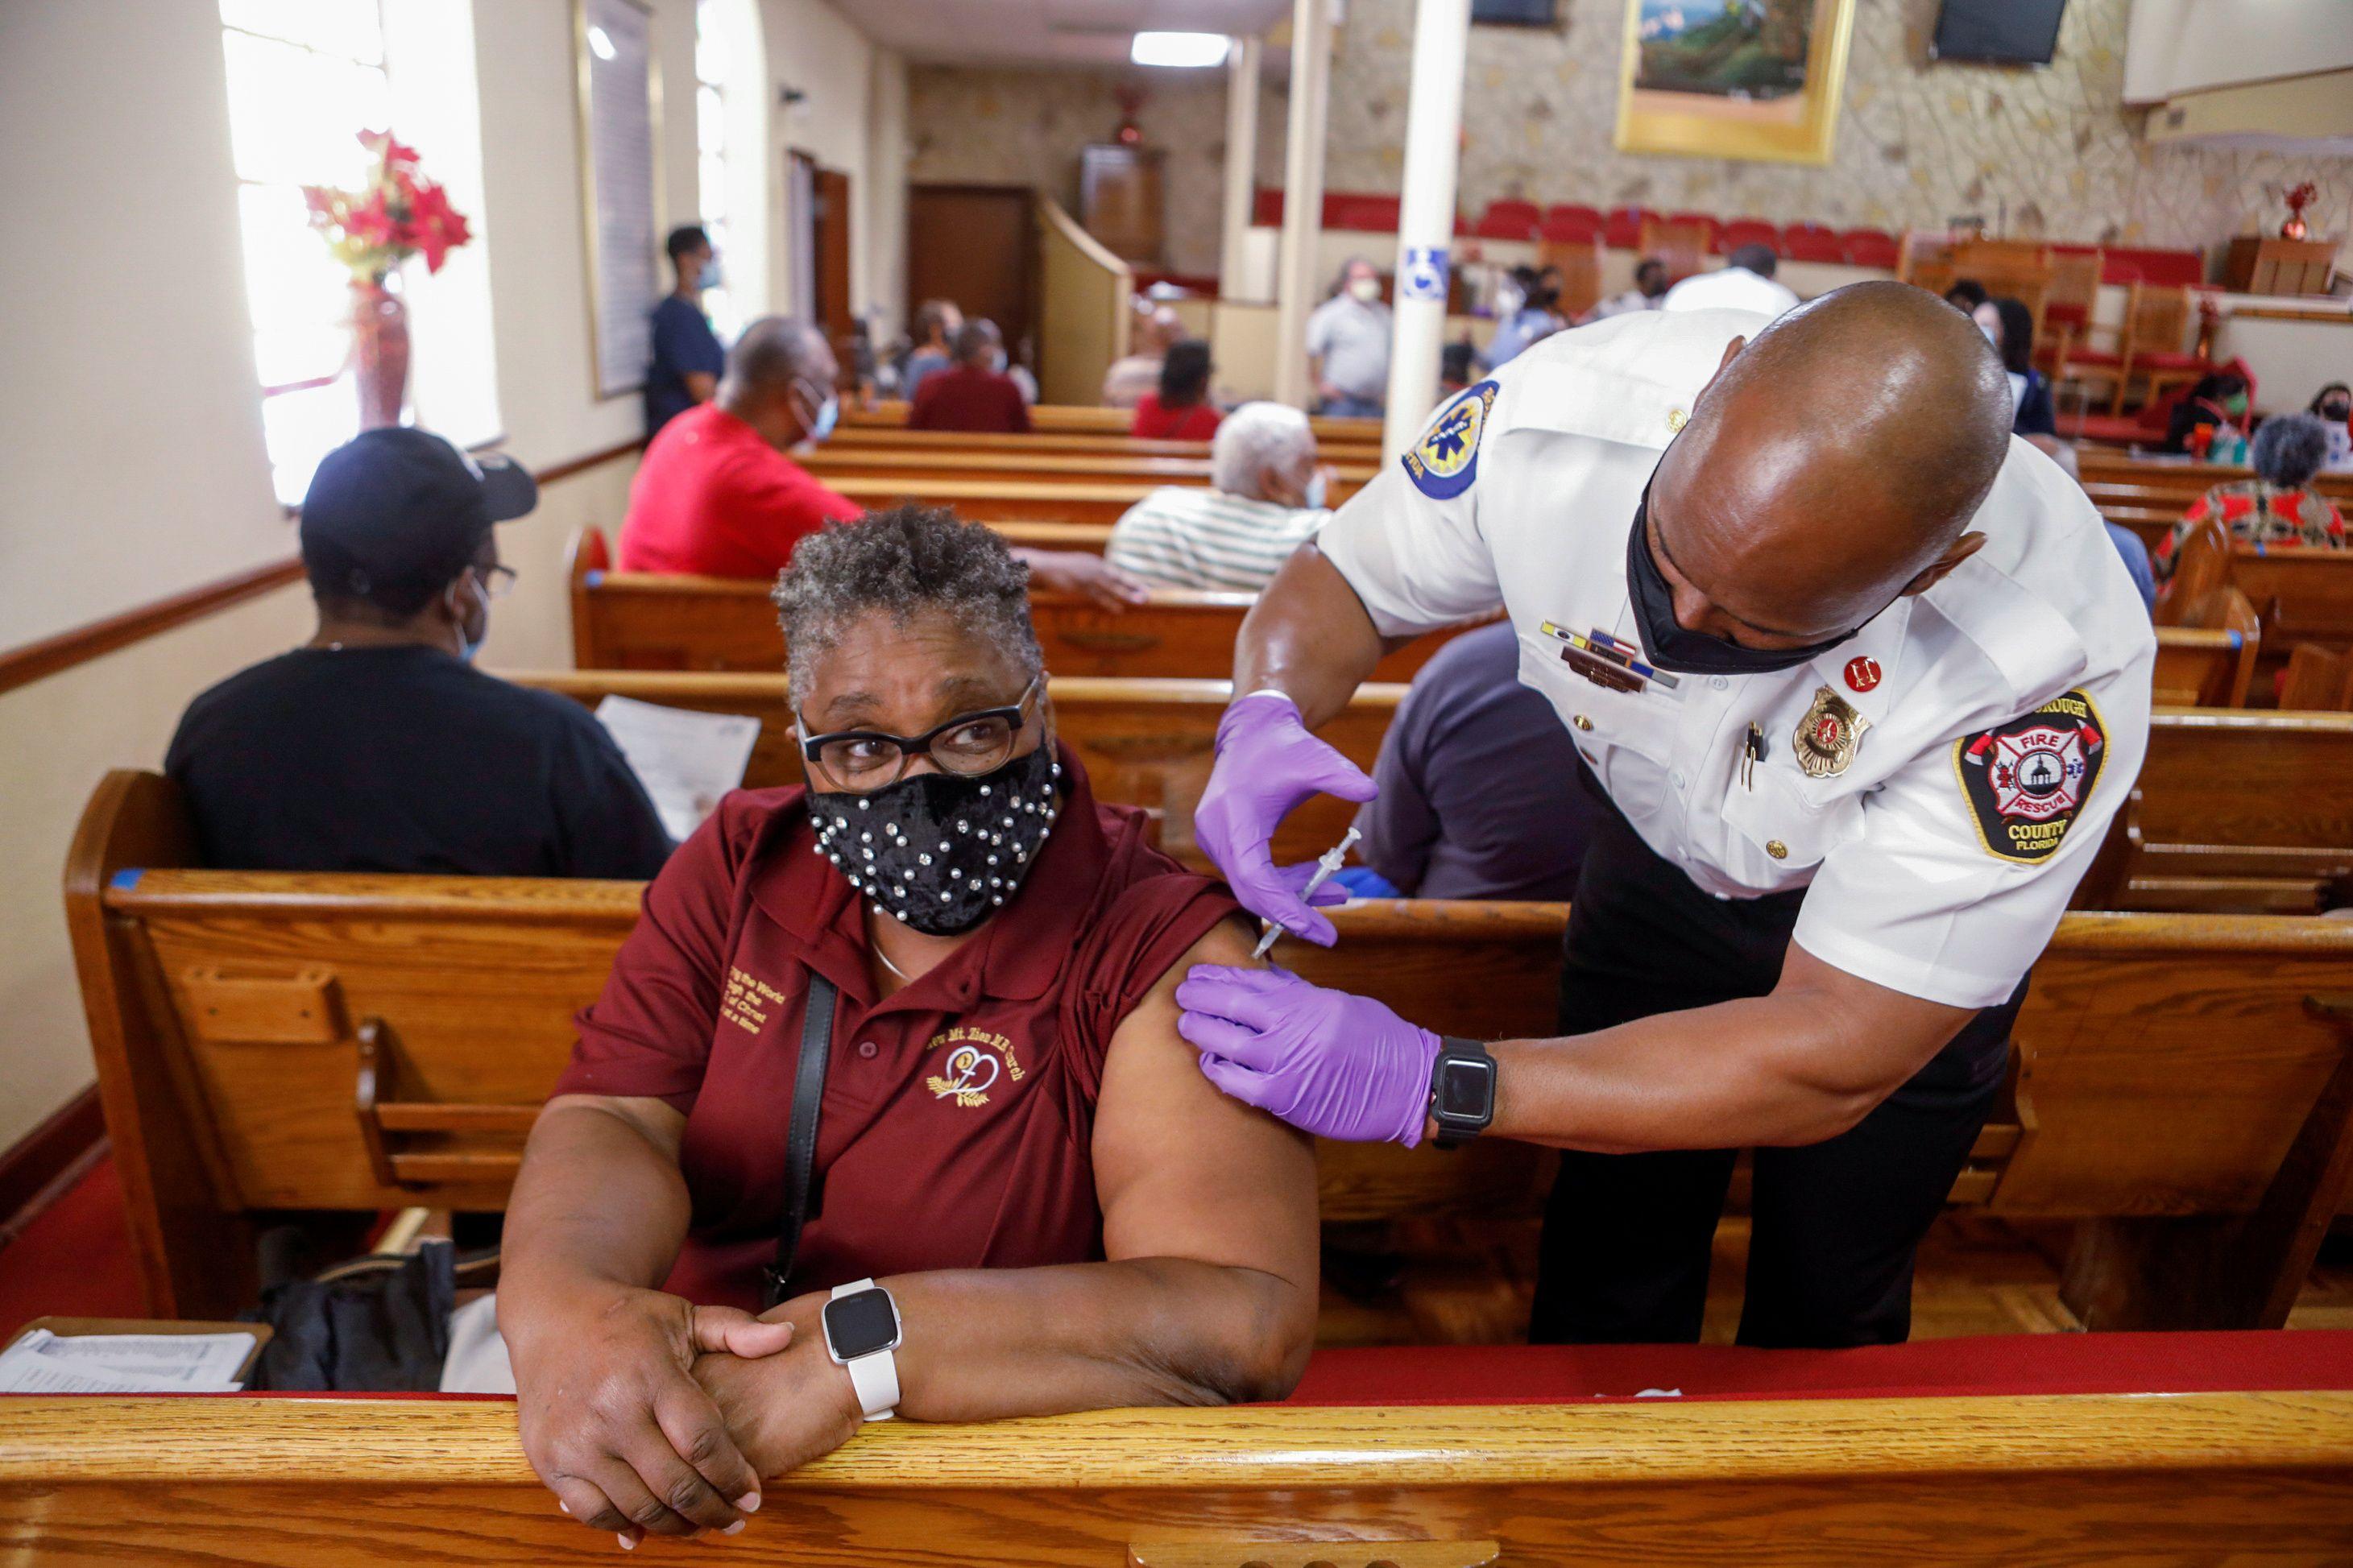 Una mujer recibe la vacuna contra COVID-19 en una iglesia Baptista en Tampa, Florida - REUTERS/Octavio Jones